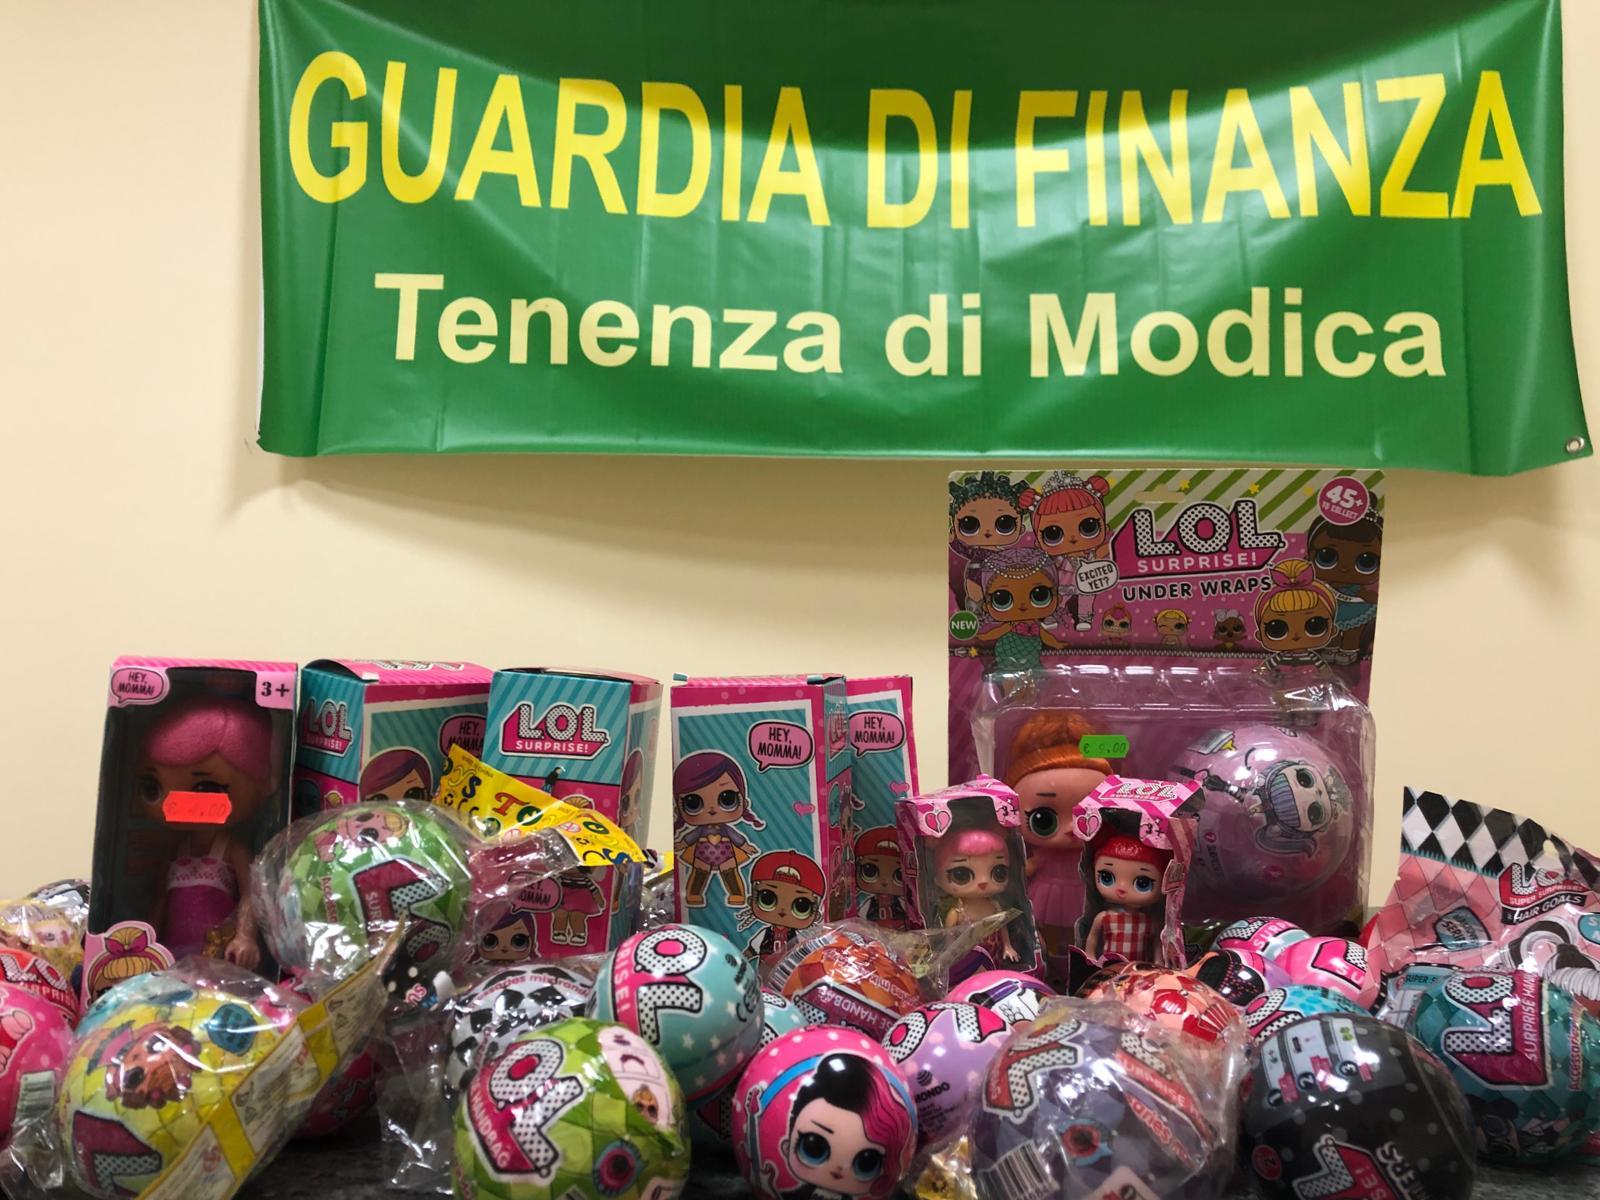 Sequestrati a Ragusa e Modica 180 mila prodotti: sono ritenuti 'non sicuri'